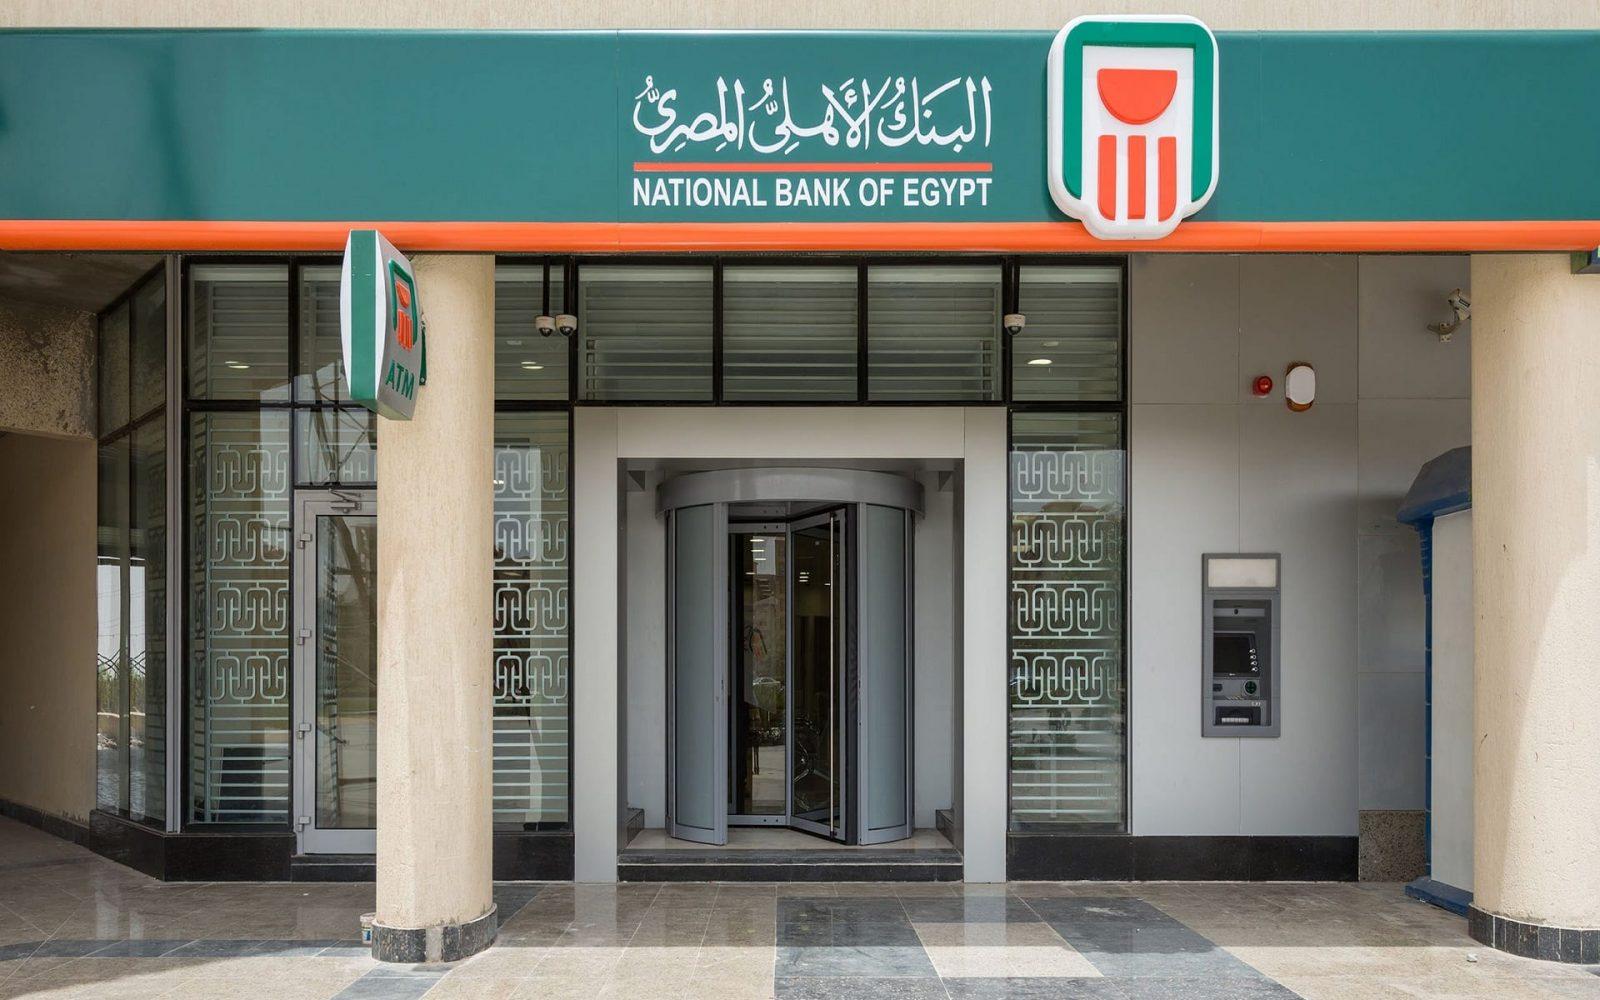 الجنيه يواصل الصعود أمام الدولار في تعاملات اليوم بالبنك الأهلي المصري